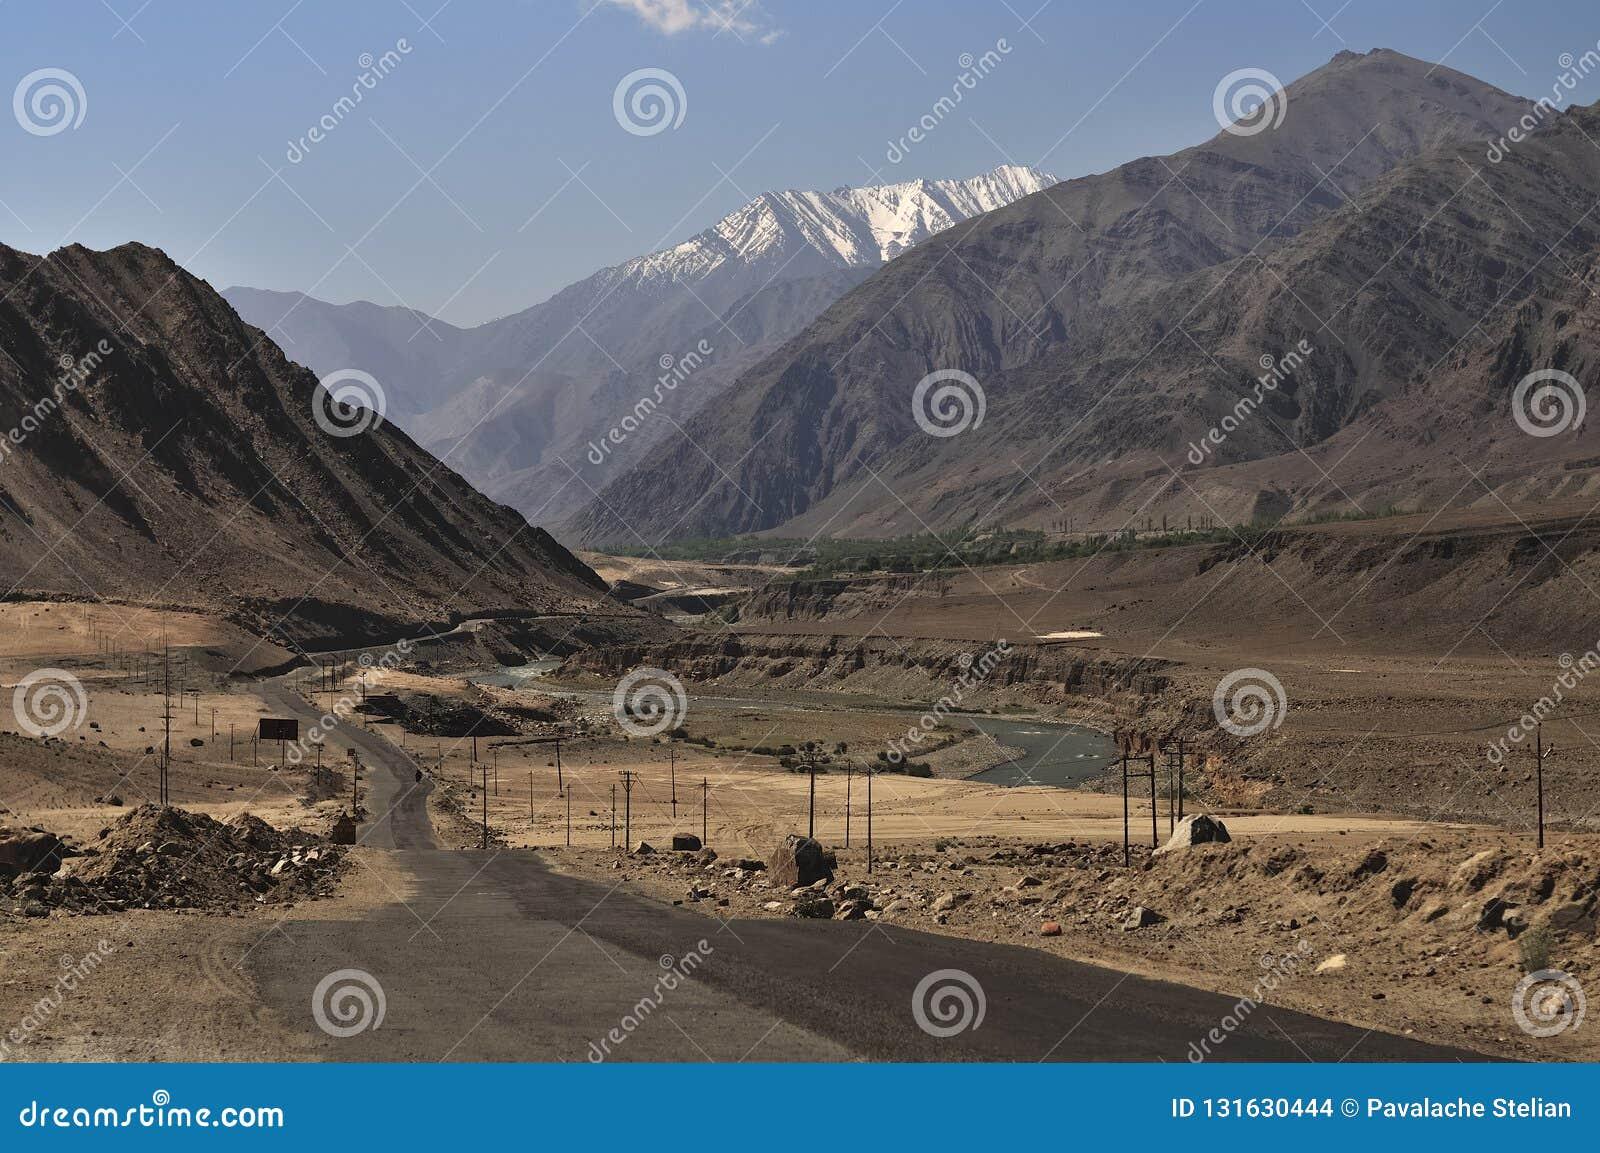 Rzeka Indus spływanie przez gór w Ladakh, India